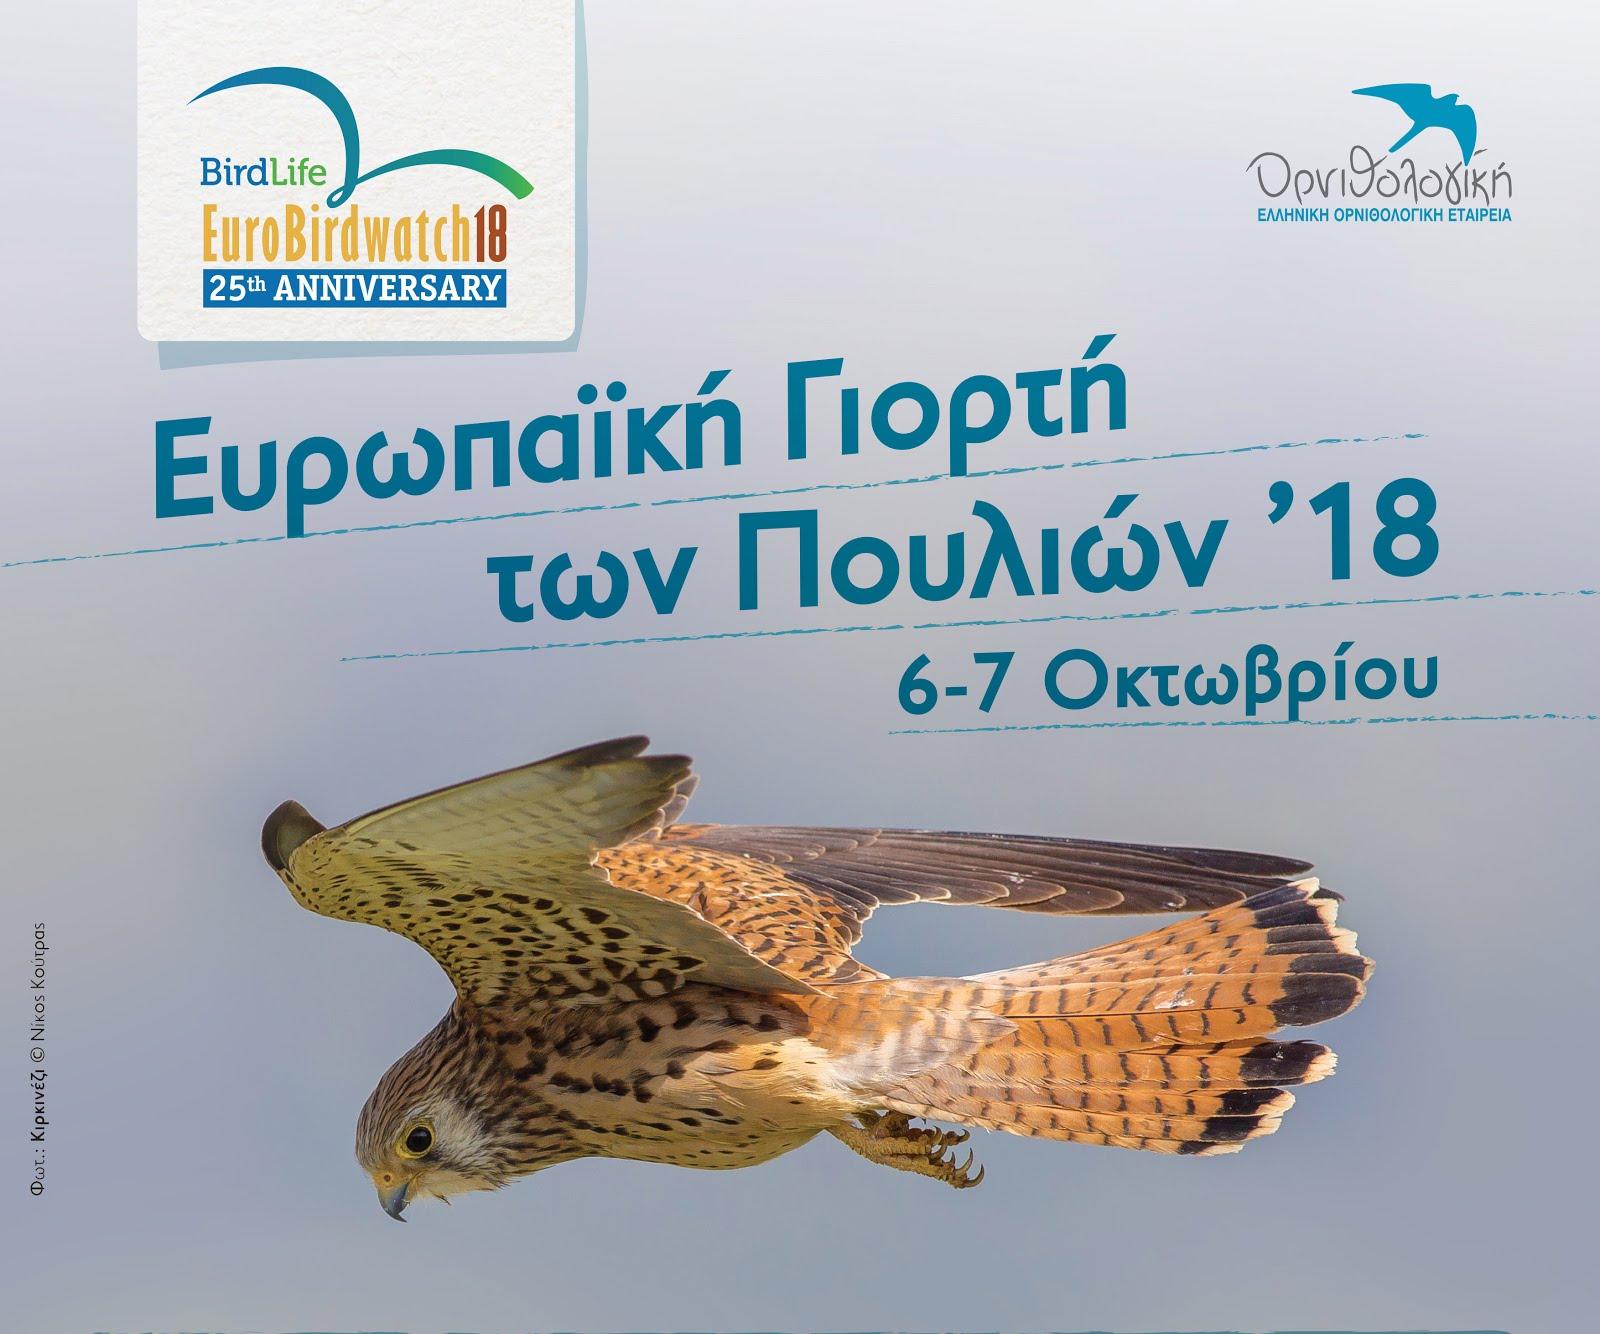 ευρωπαϊκή γιορτή των πουλιών